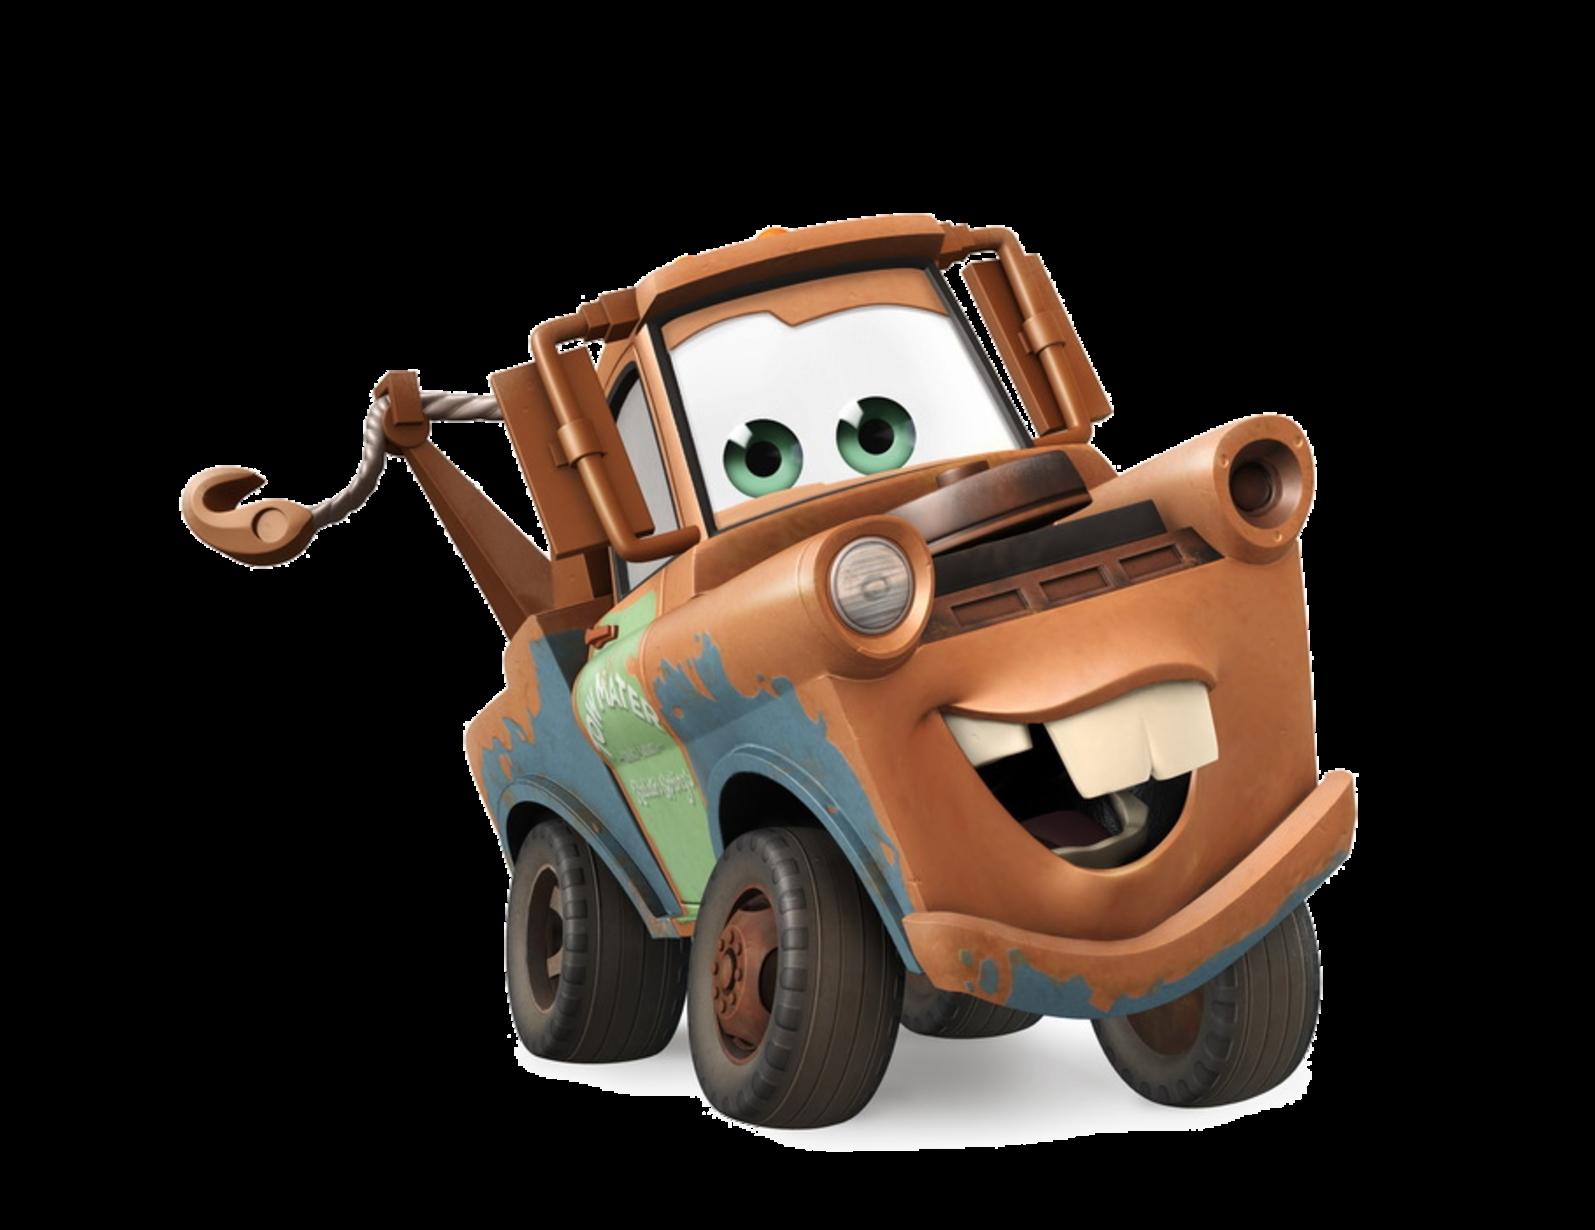 cars 1 2 mater disney infinity render